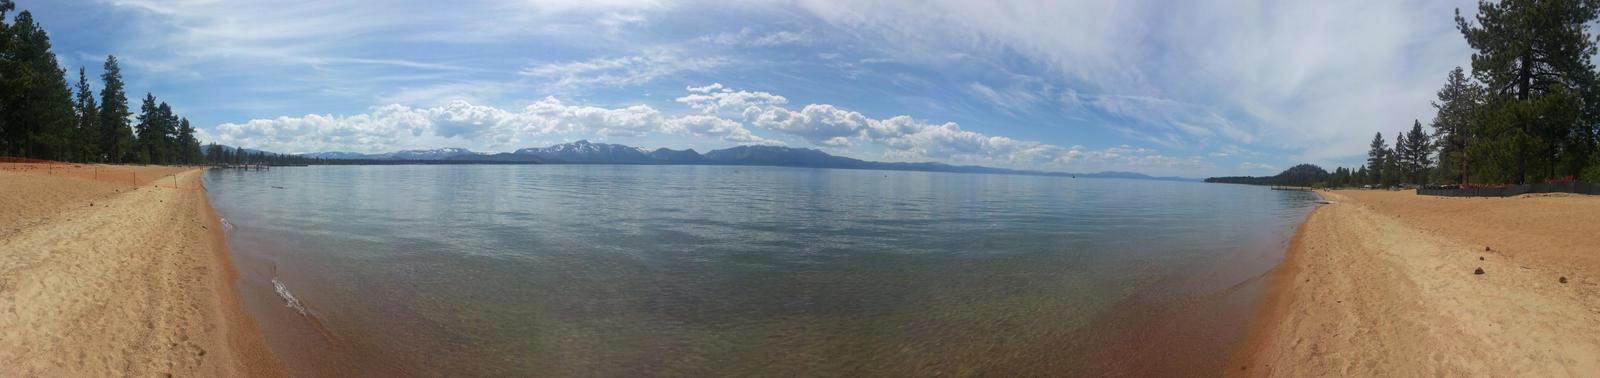 Lake Tahoe 5/23/2014 by davids-sketchbook